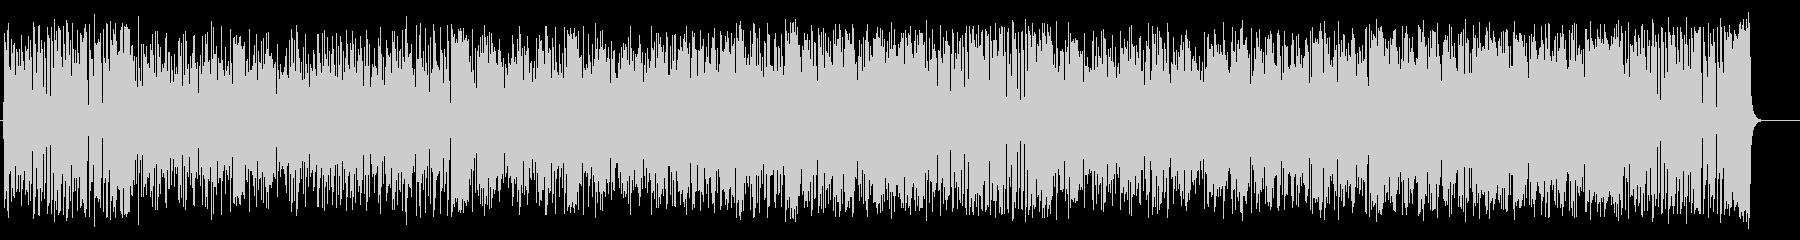 夏のフュージョンポップ(フルサイズ)の未再生の波形